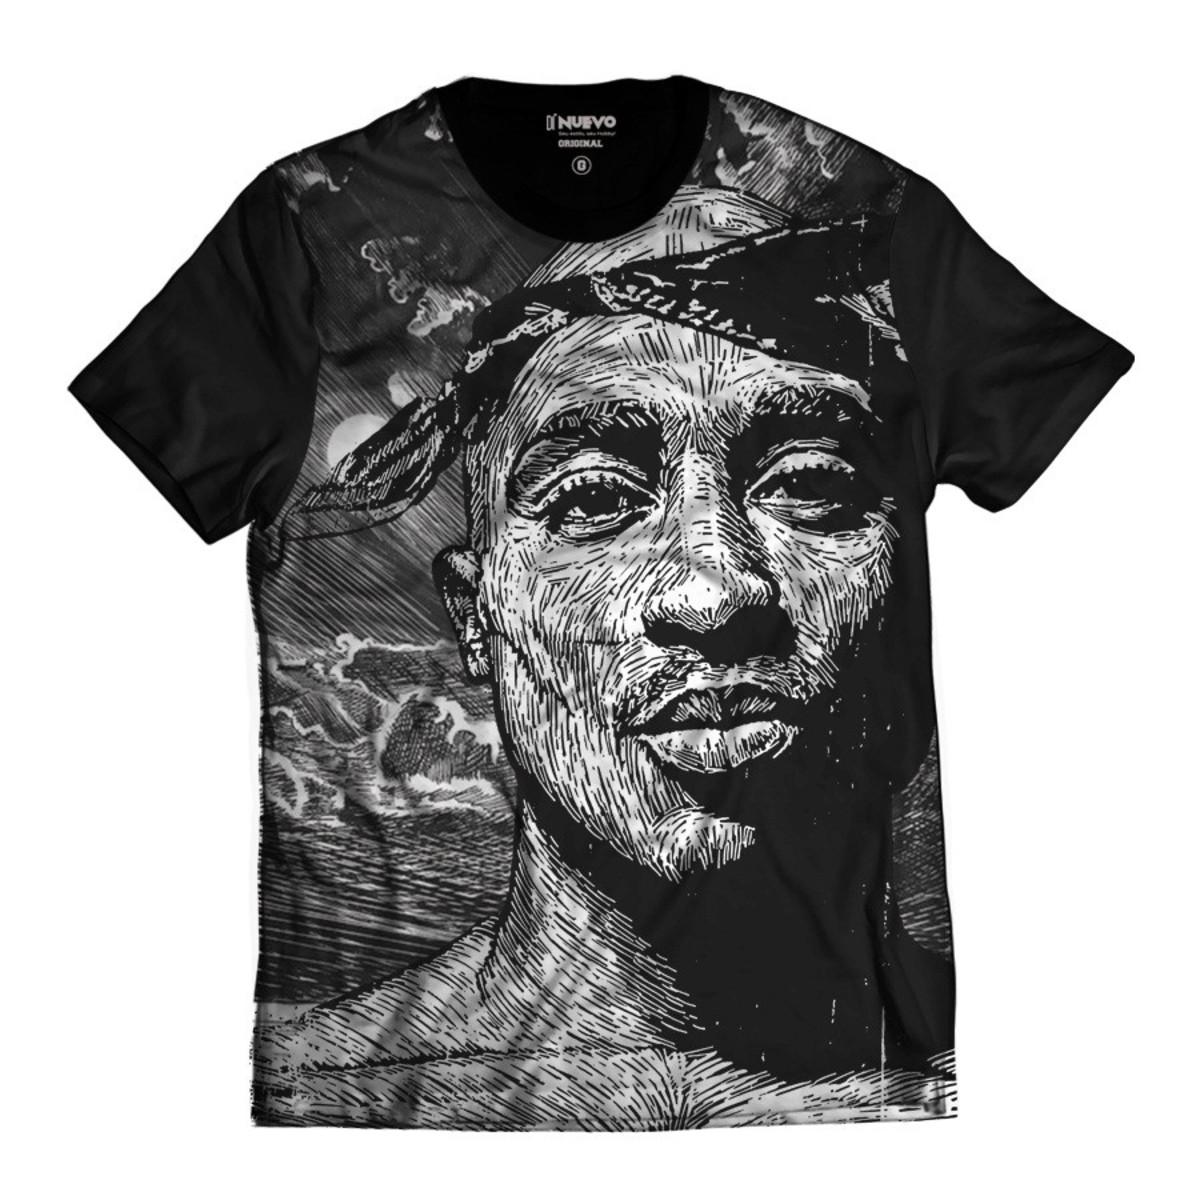 d37de50373f6c Camiseta Tupac Shakur Estilo Desenho 2pac Rap no Elo7